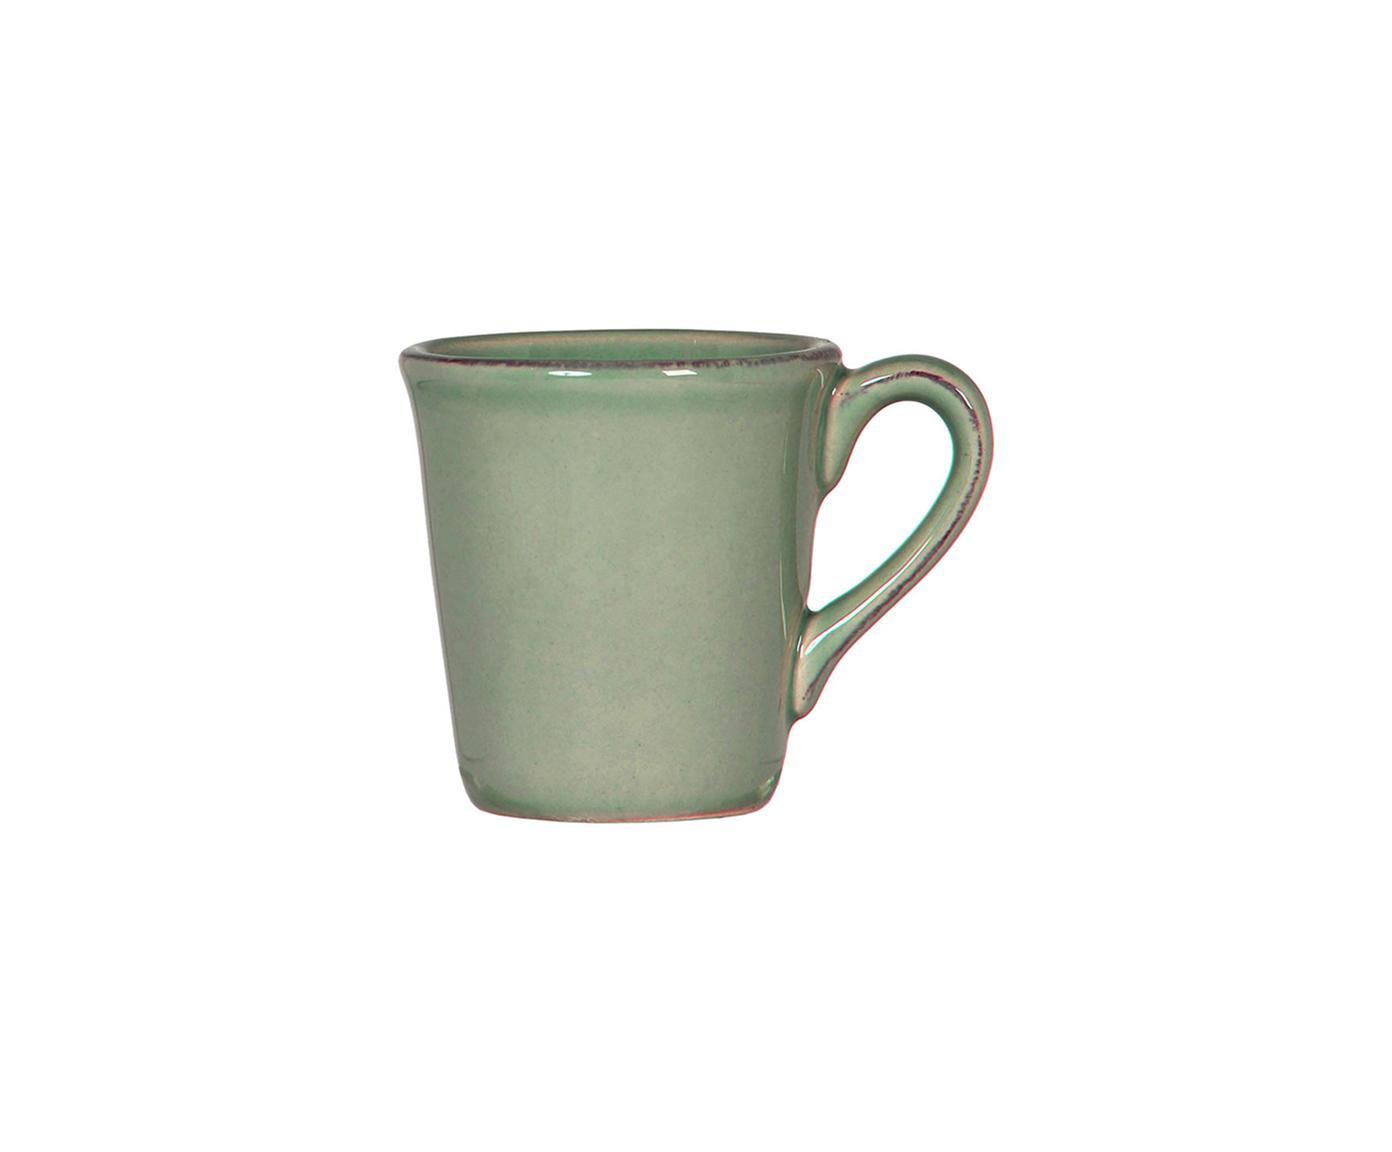 Tazzina caffè in verde salvia Constance 2 pz, Ceramica, Verde salvia, Ø 8 x Alt. 6 cm